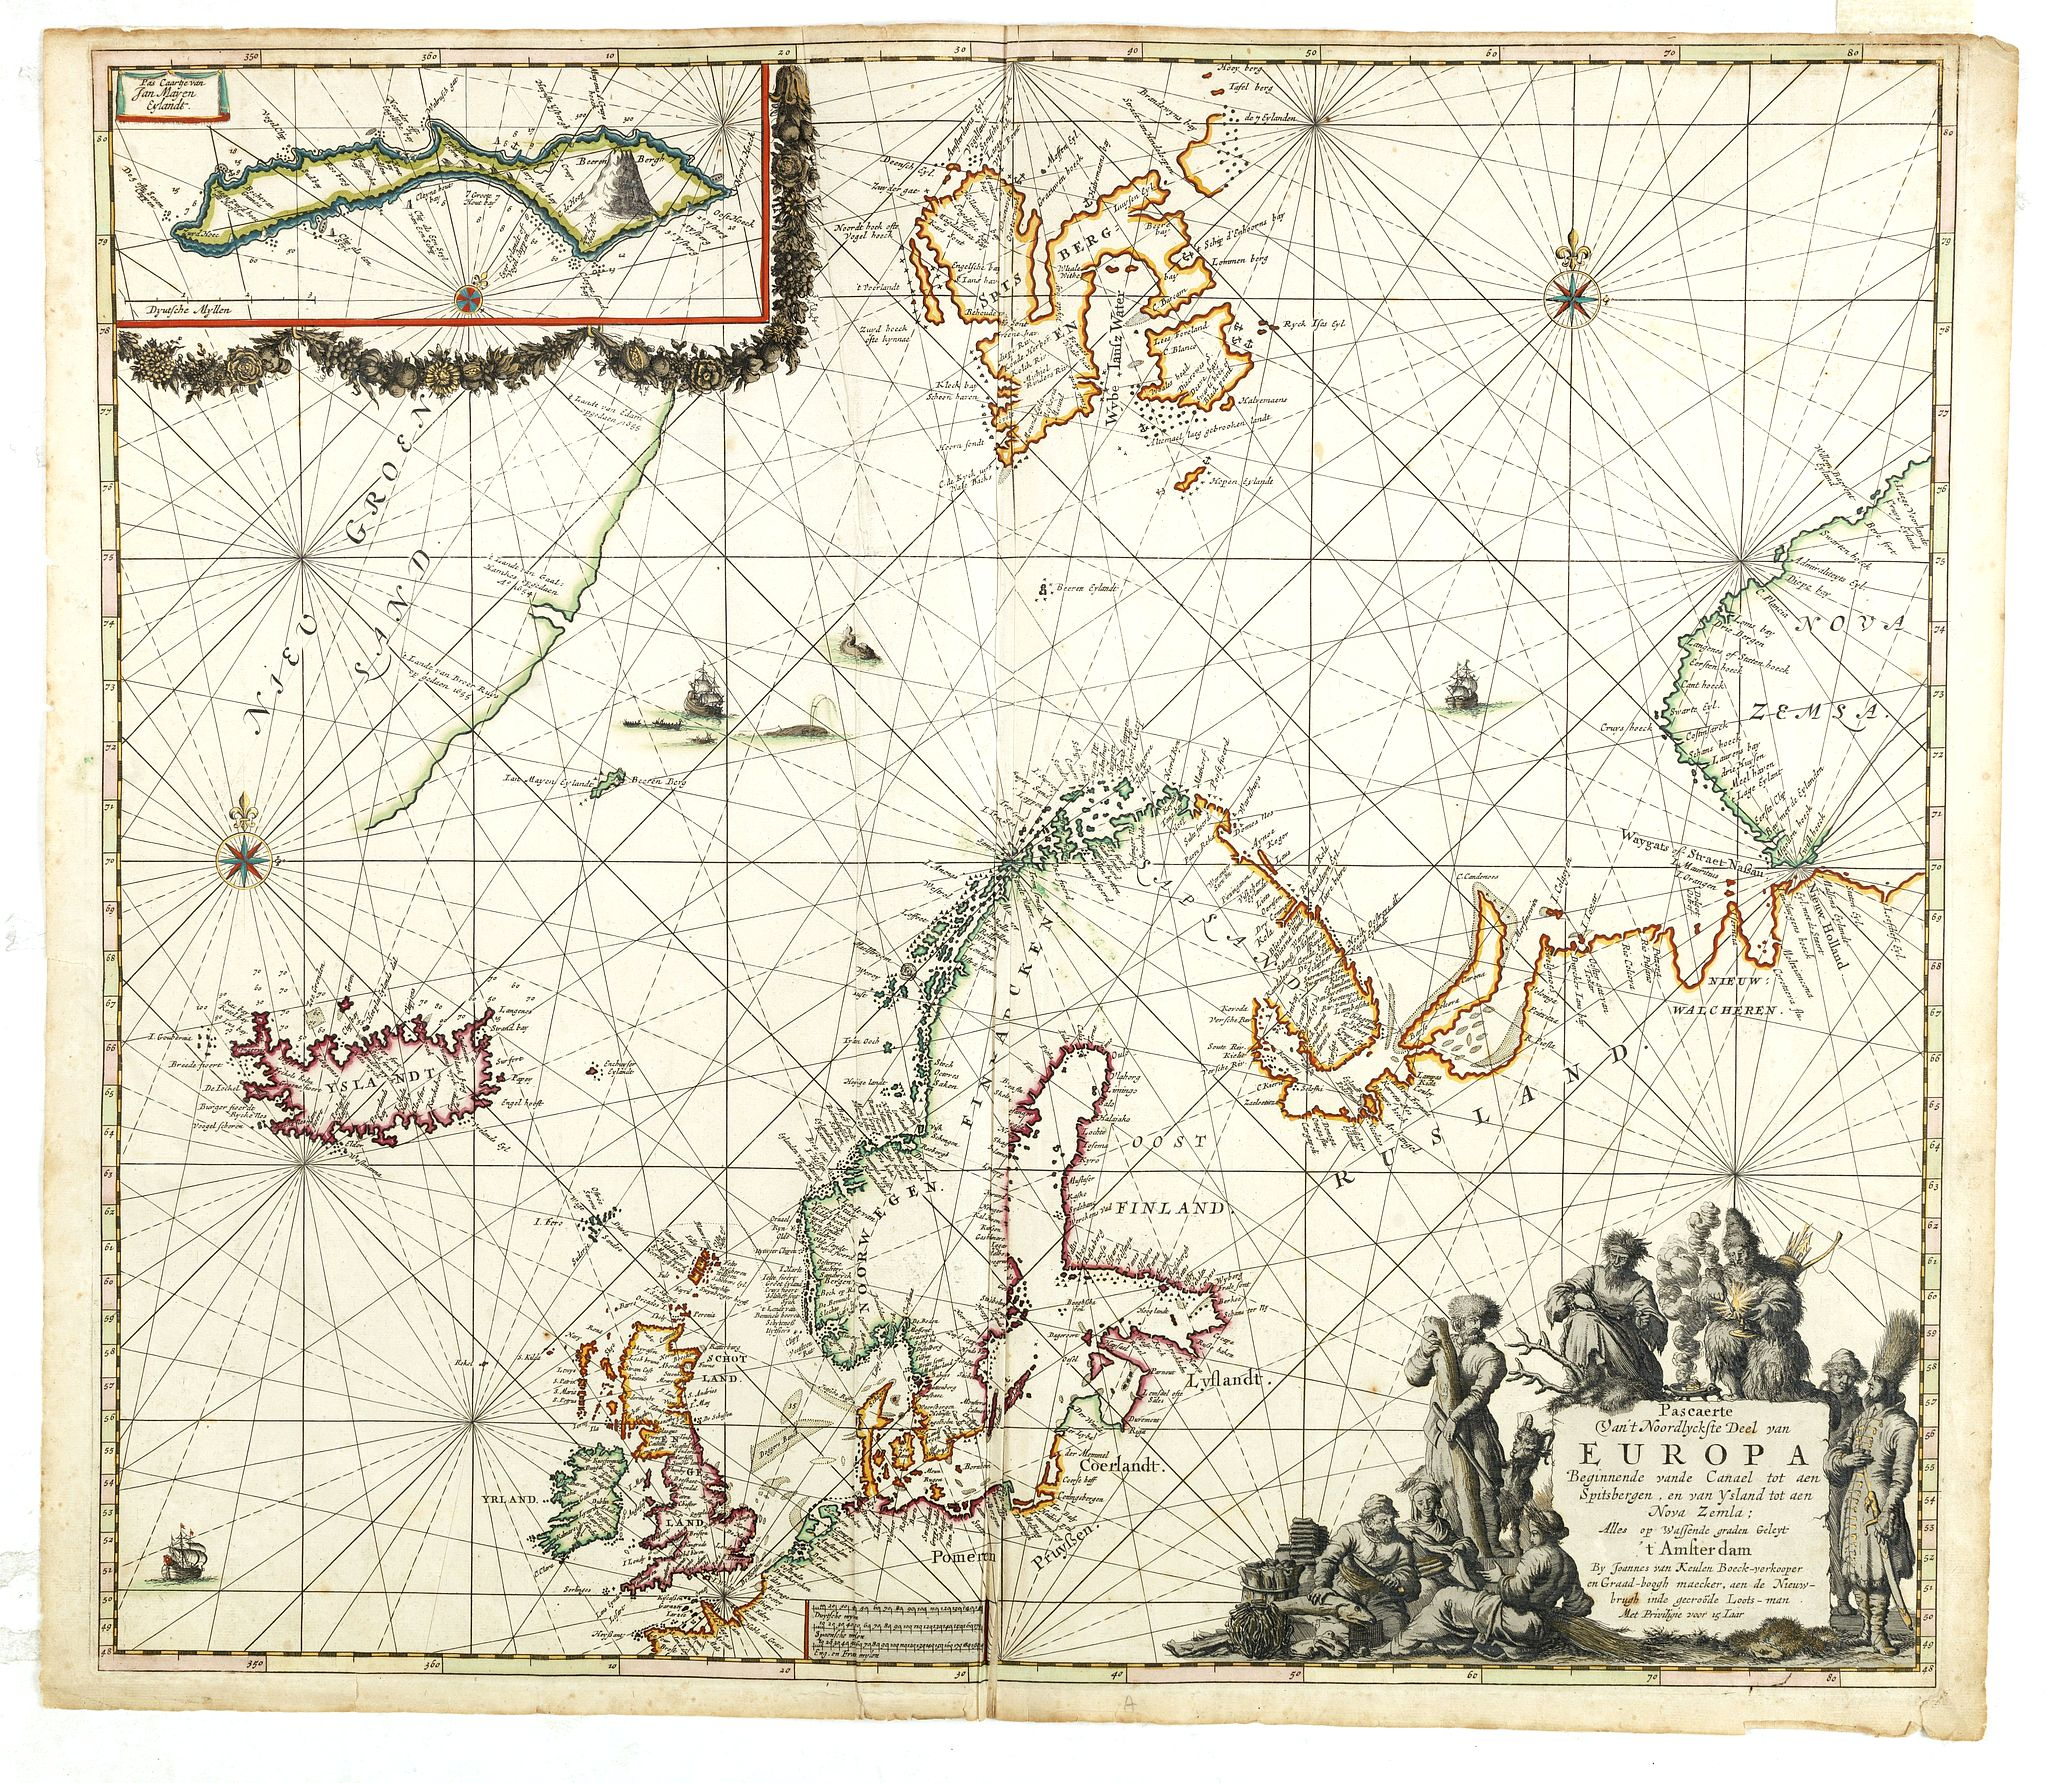 VAN KEULEN, J. -  Pascarte van Europa Beginnende vande Canael tot aen Spitbergen, en van Ysland tot aen Nova Zemla . . .